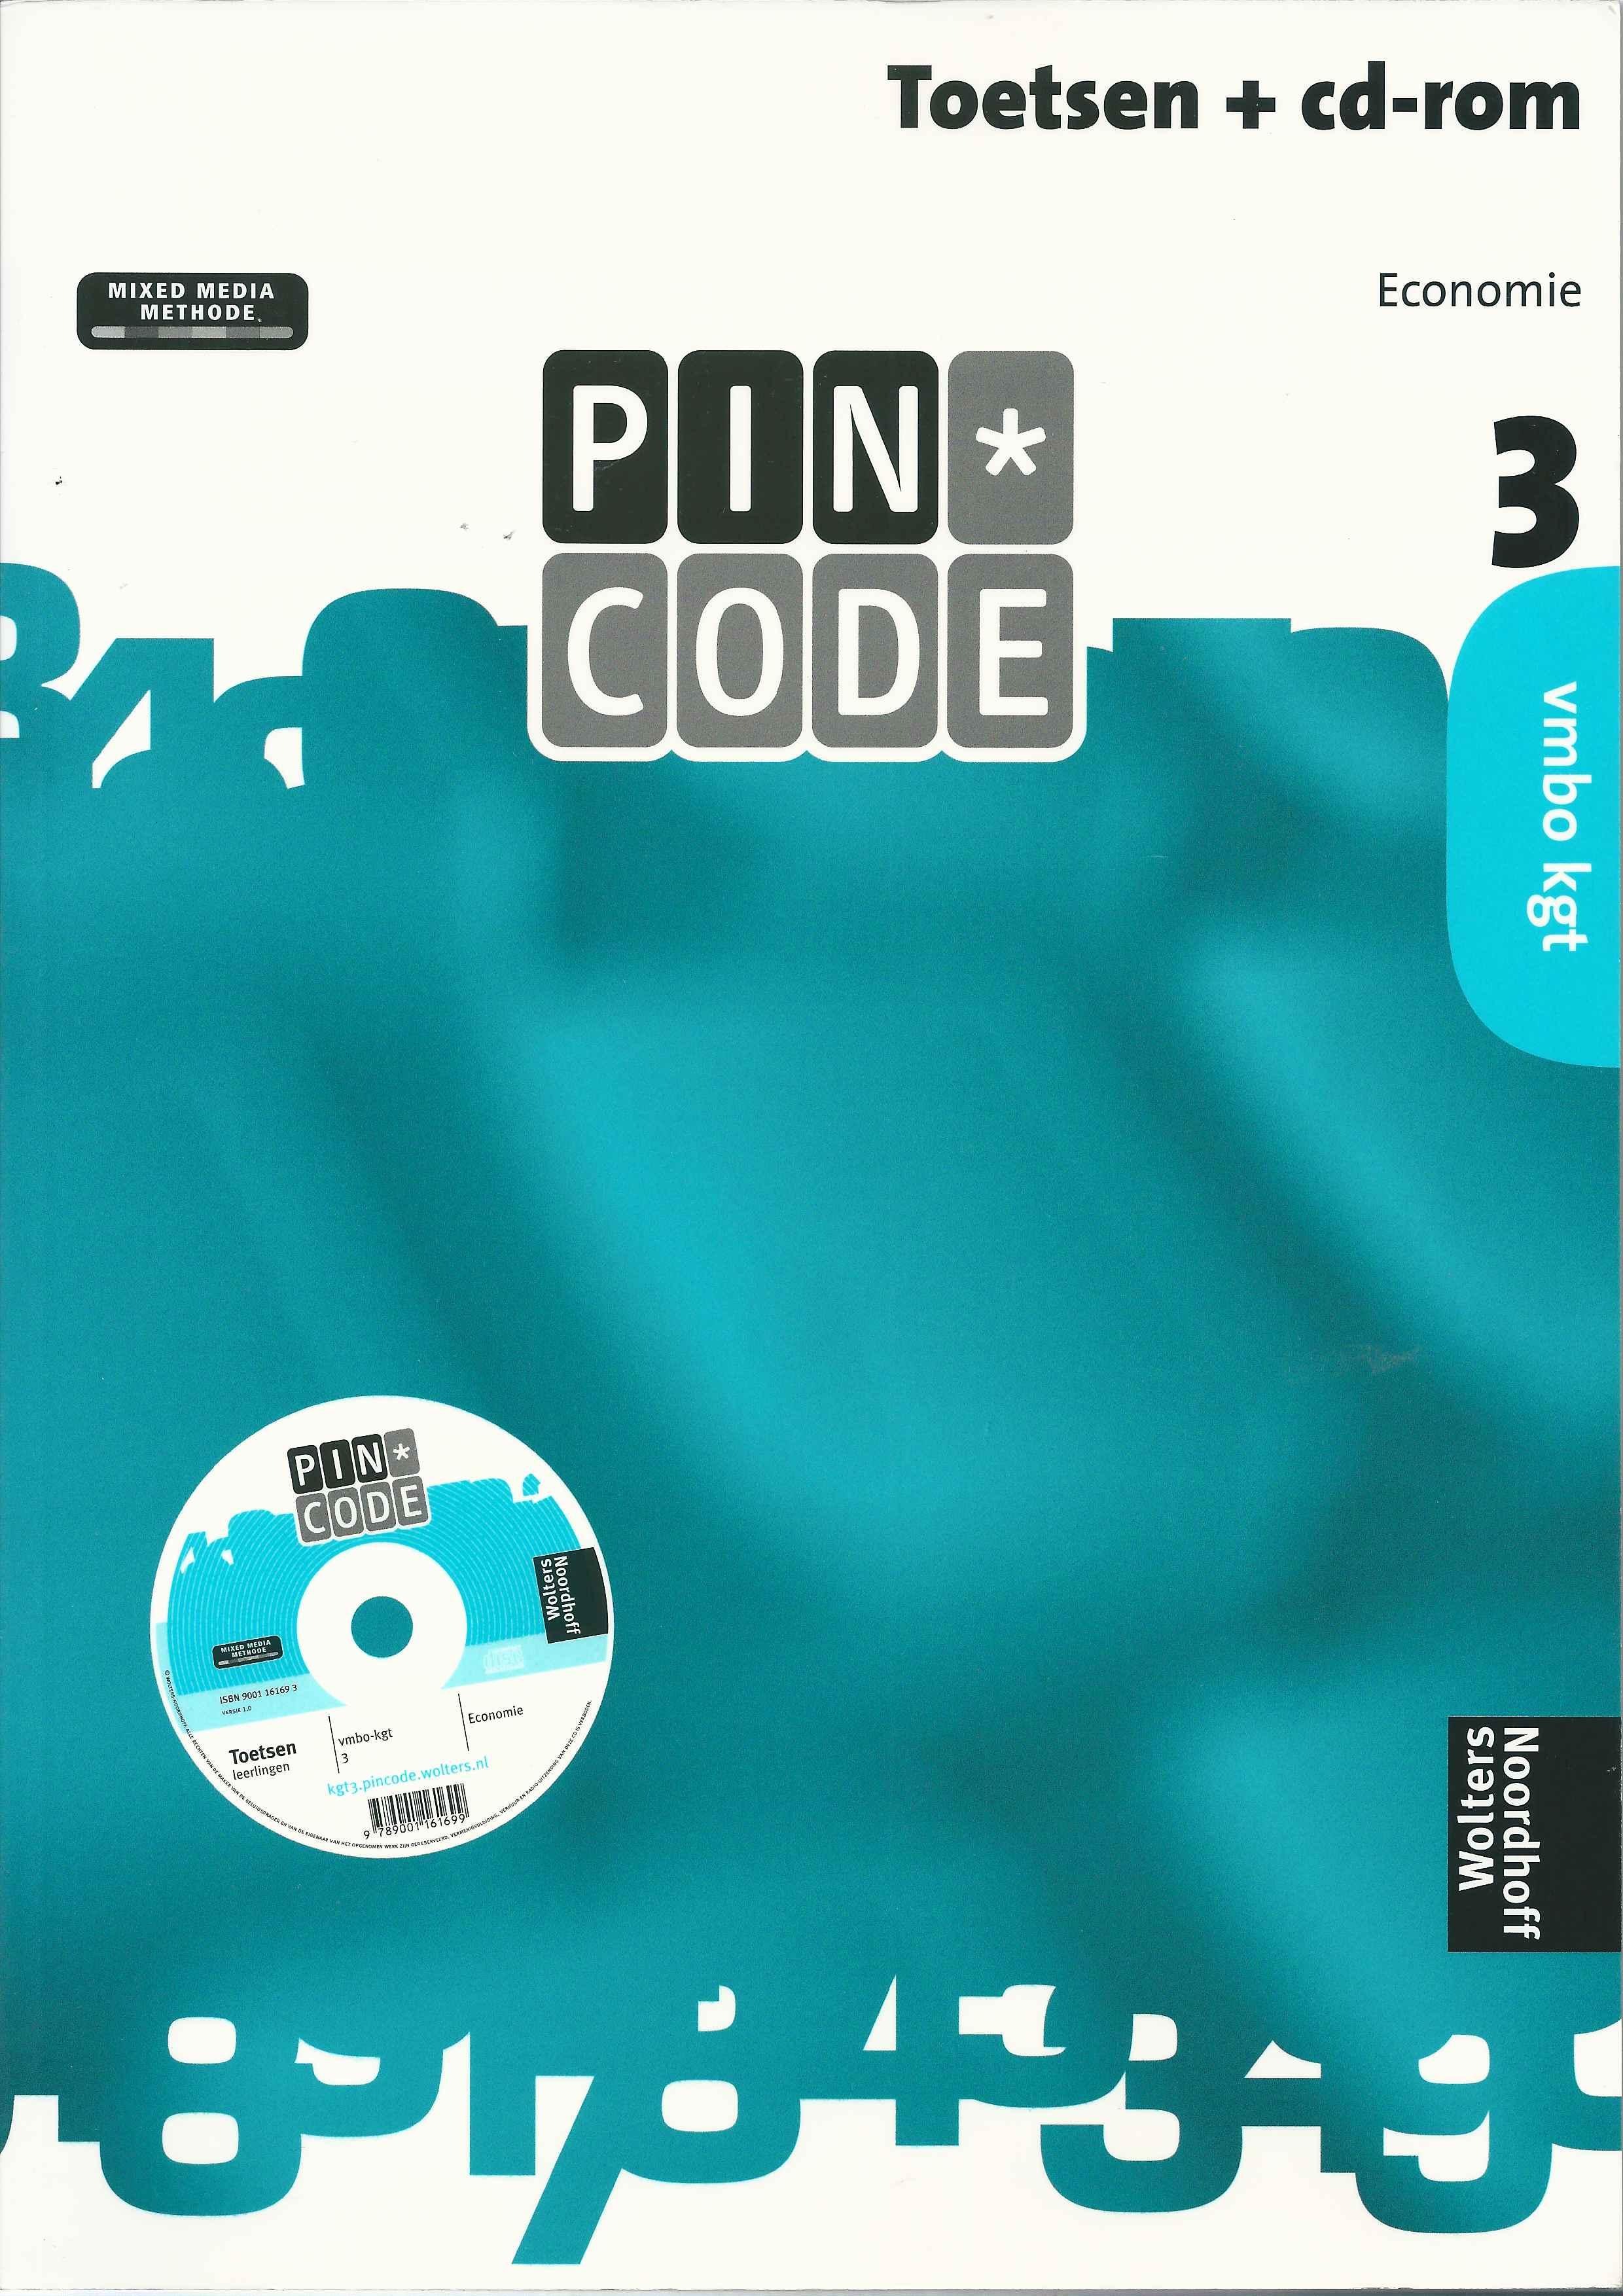 toetsenboeken + cd-rom klas 3 & 4 vmbo kgt